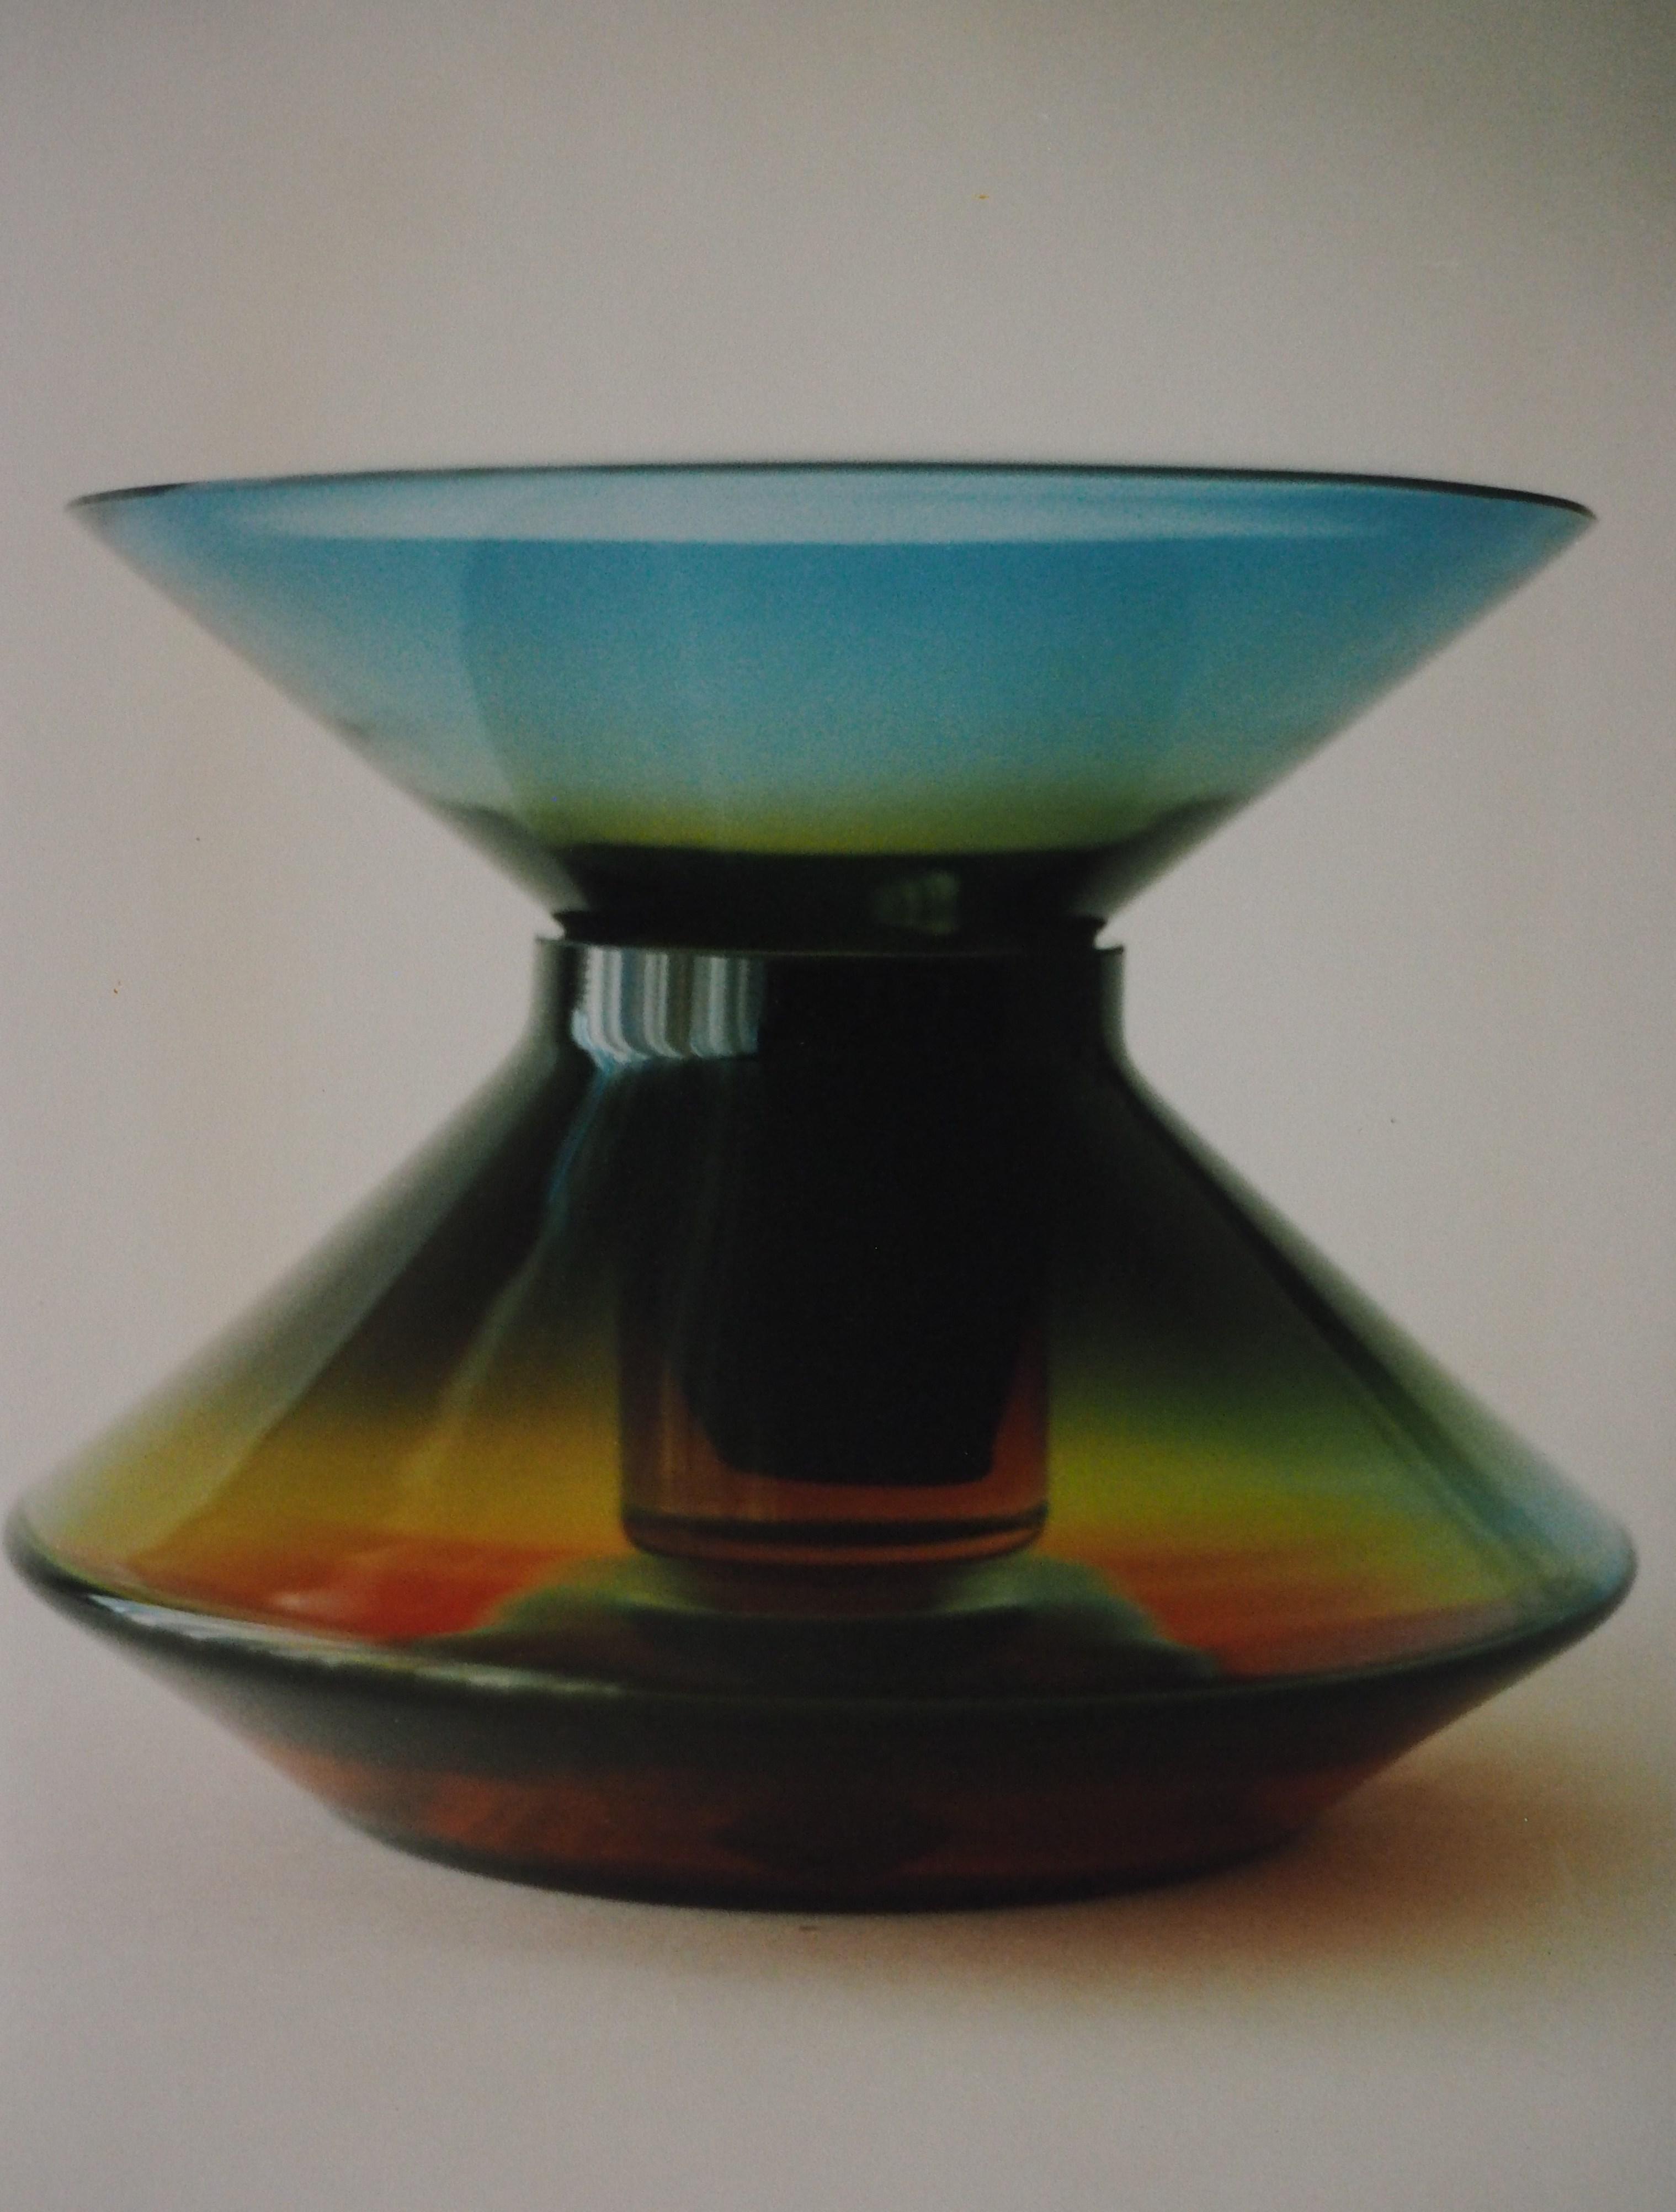 žardiniera/váza